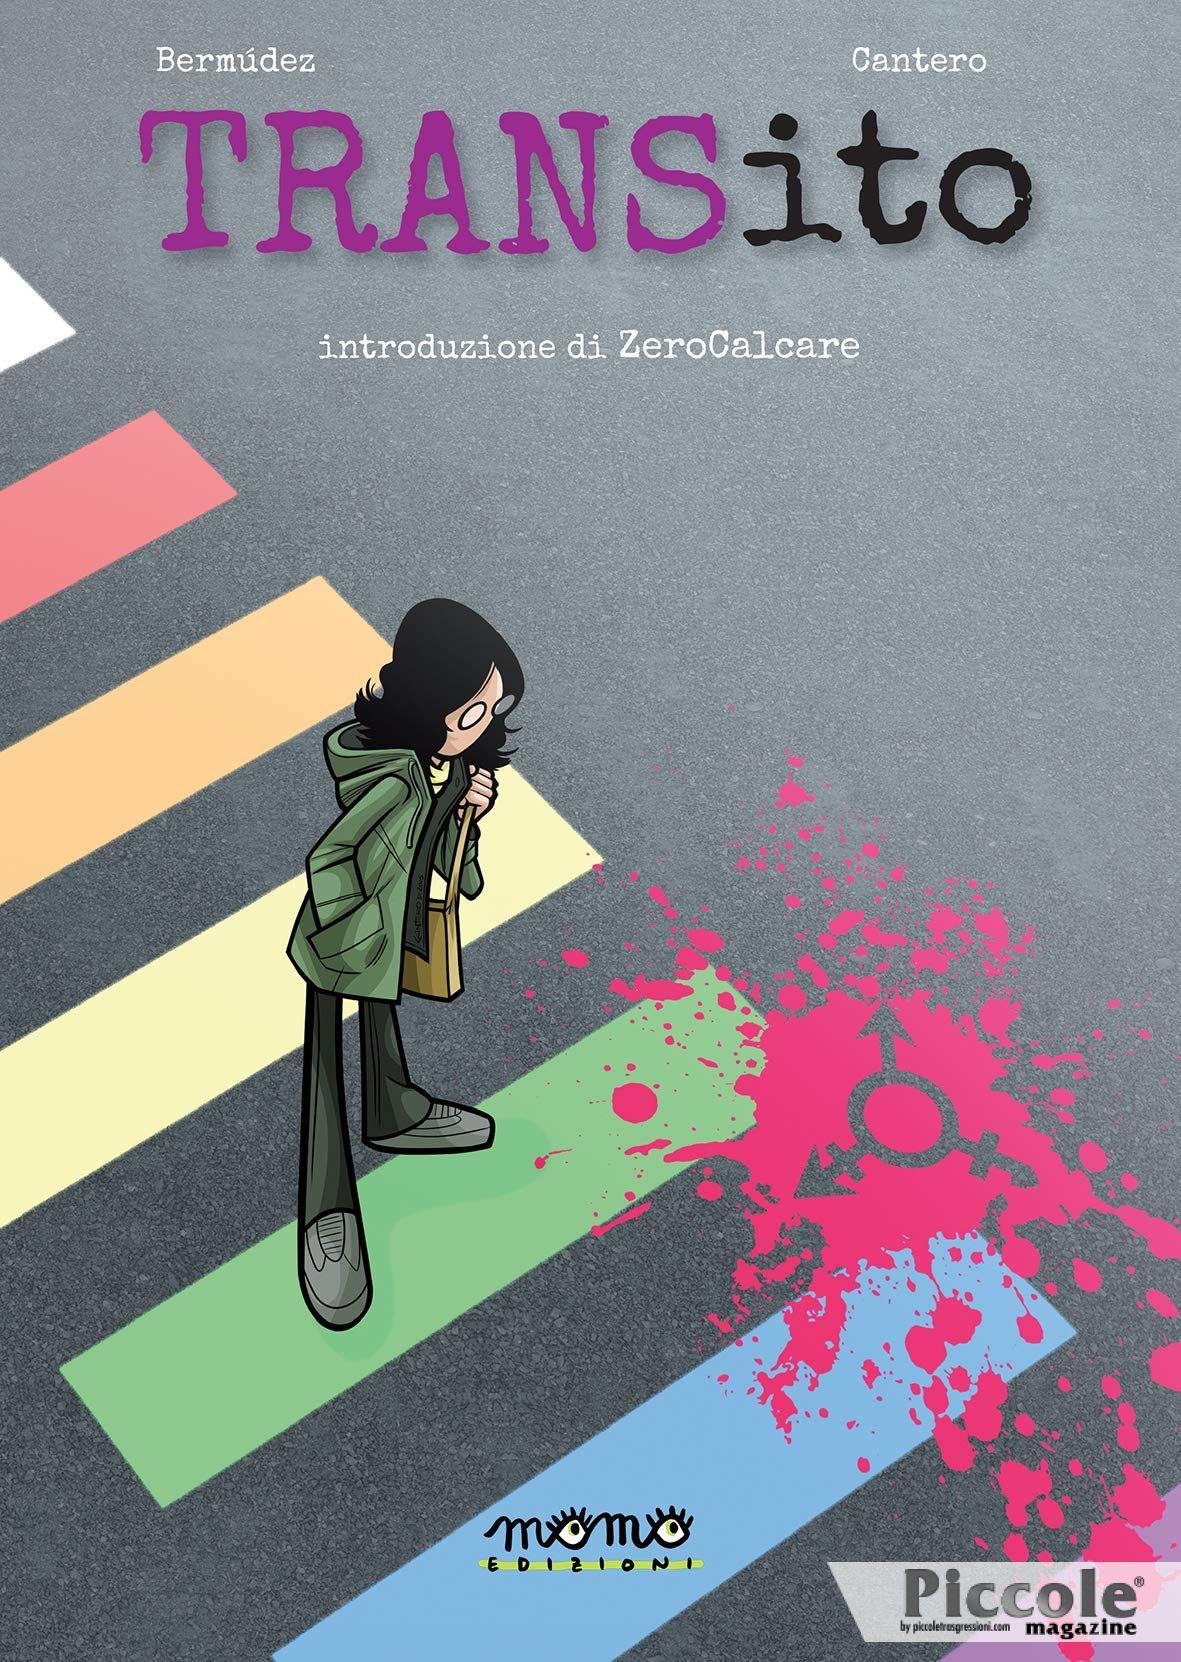 TRANSito di Ian Bermúdez e David Cantero